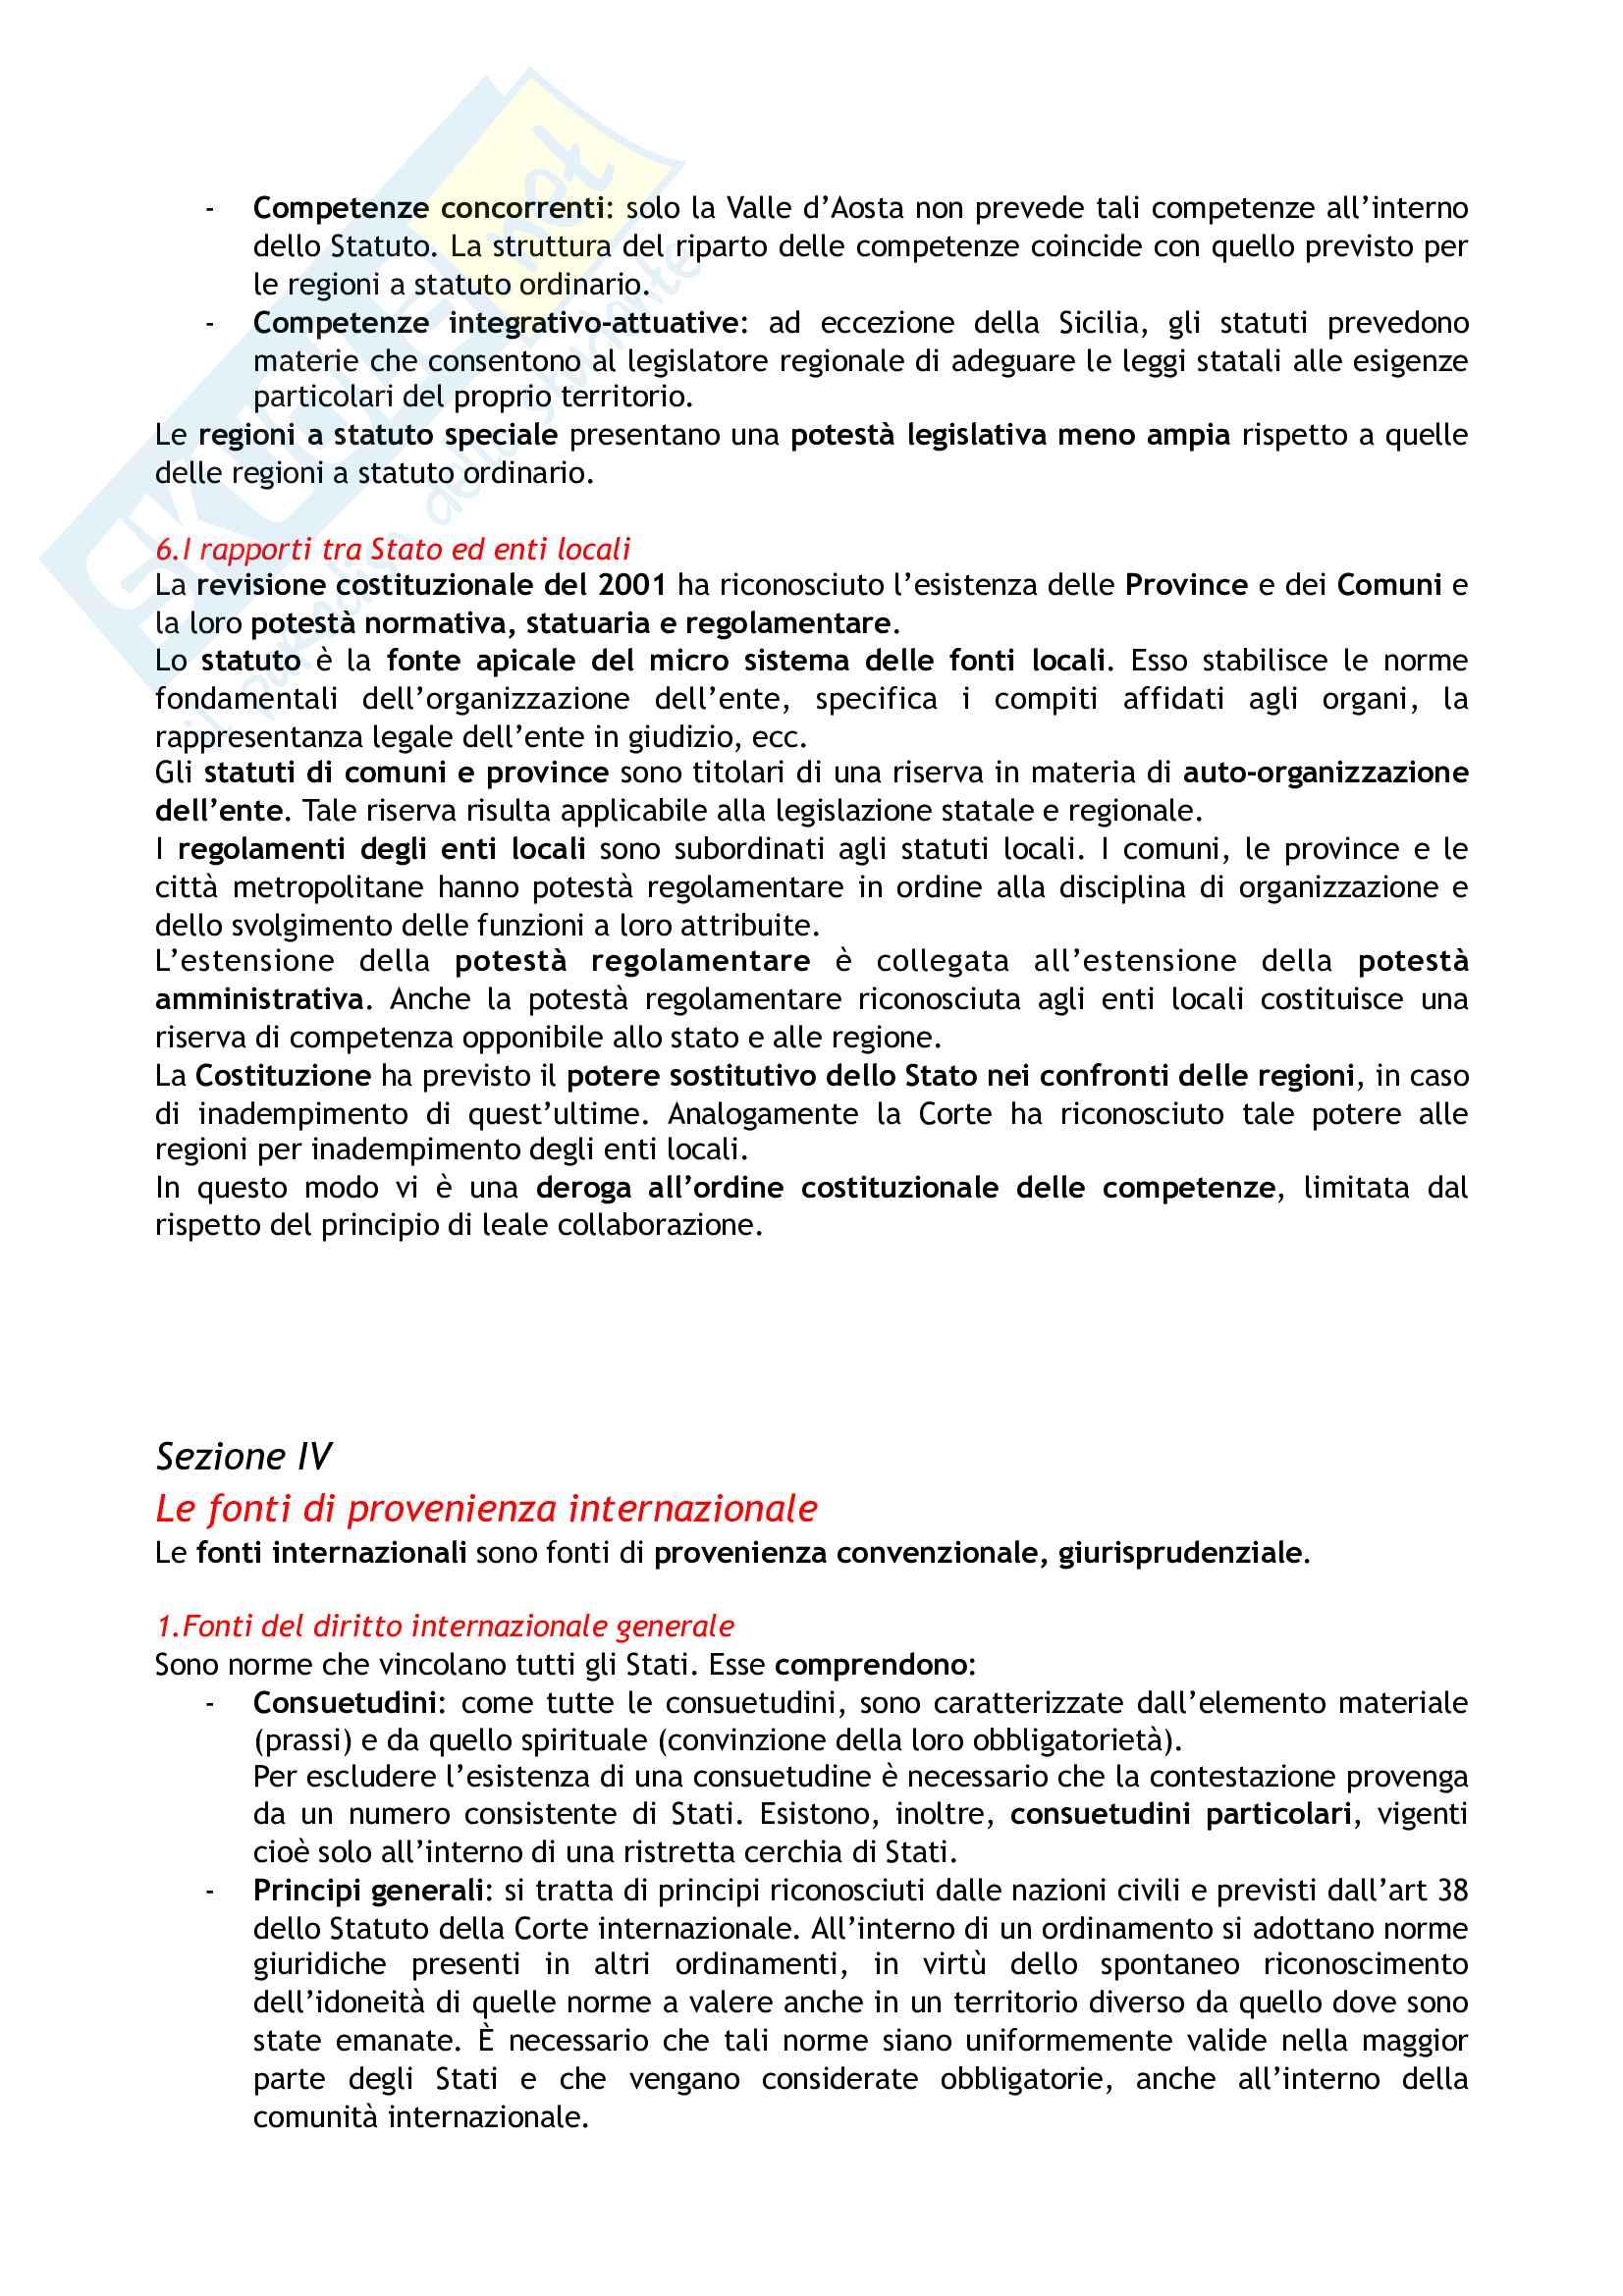 Riassunto esame Diritto costituzionale, prof. Tartaglia Polcini, libro consigliato Manuale di diritto costituzionale italiano ed europeo, Romboli Pag. 11